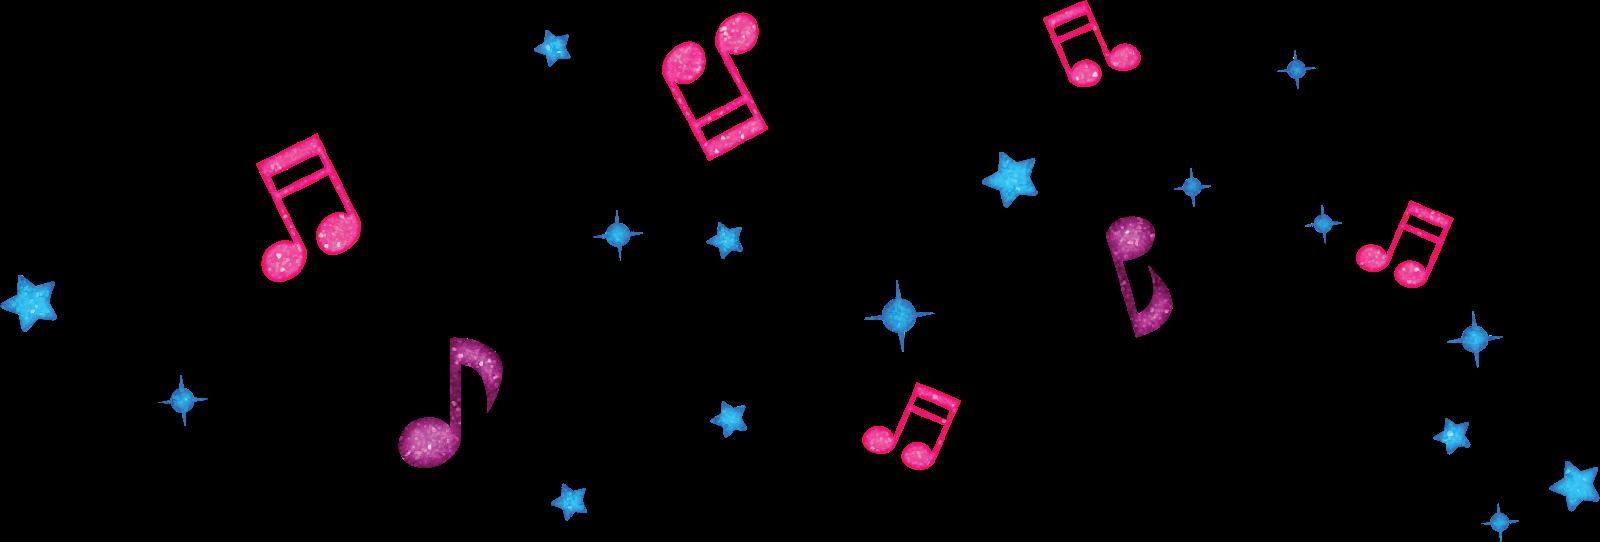 Resultado de imagen de notas musicales gif colungateam